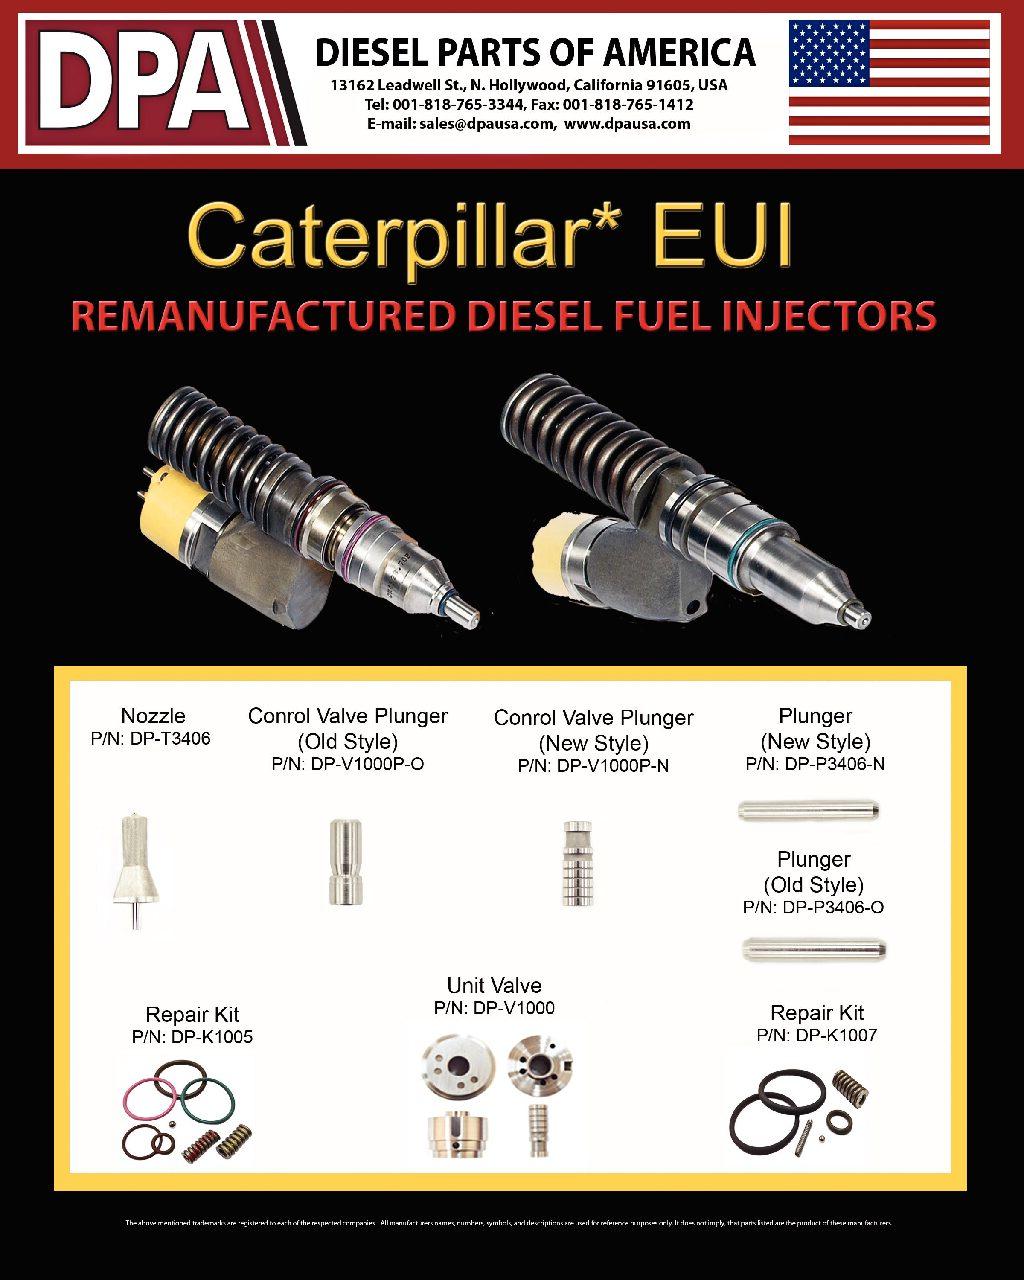 dpa_cat_eui_injector-pdf.jpg